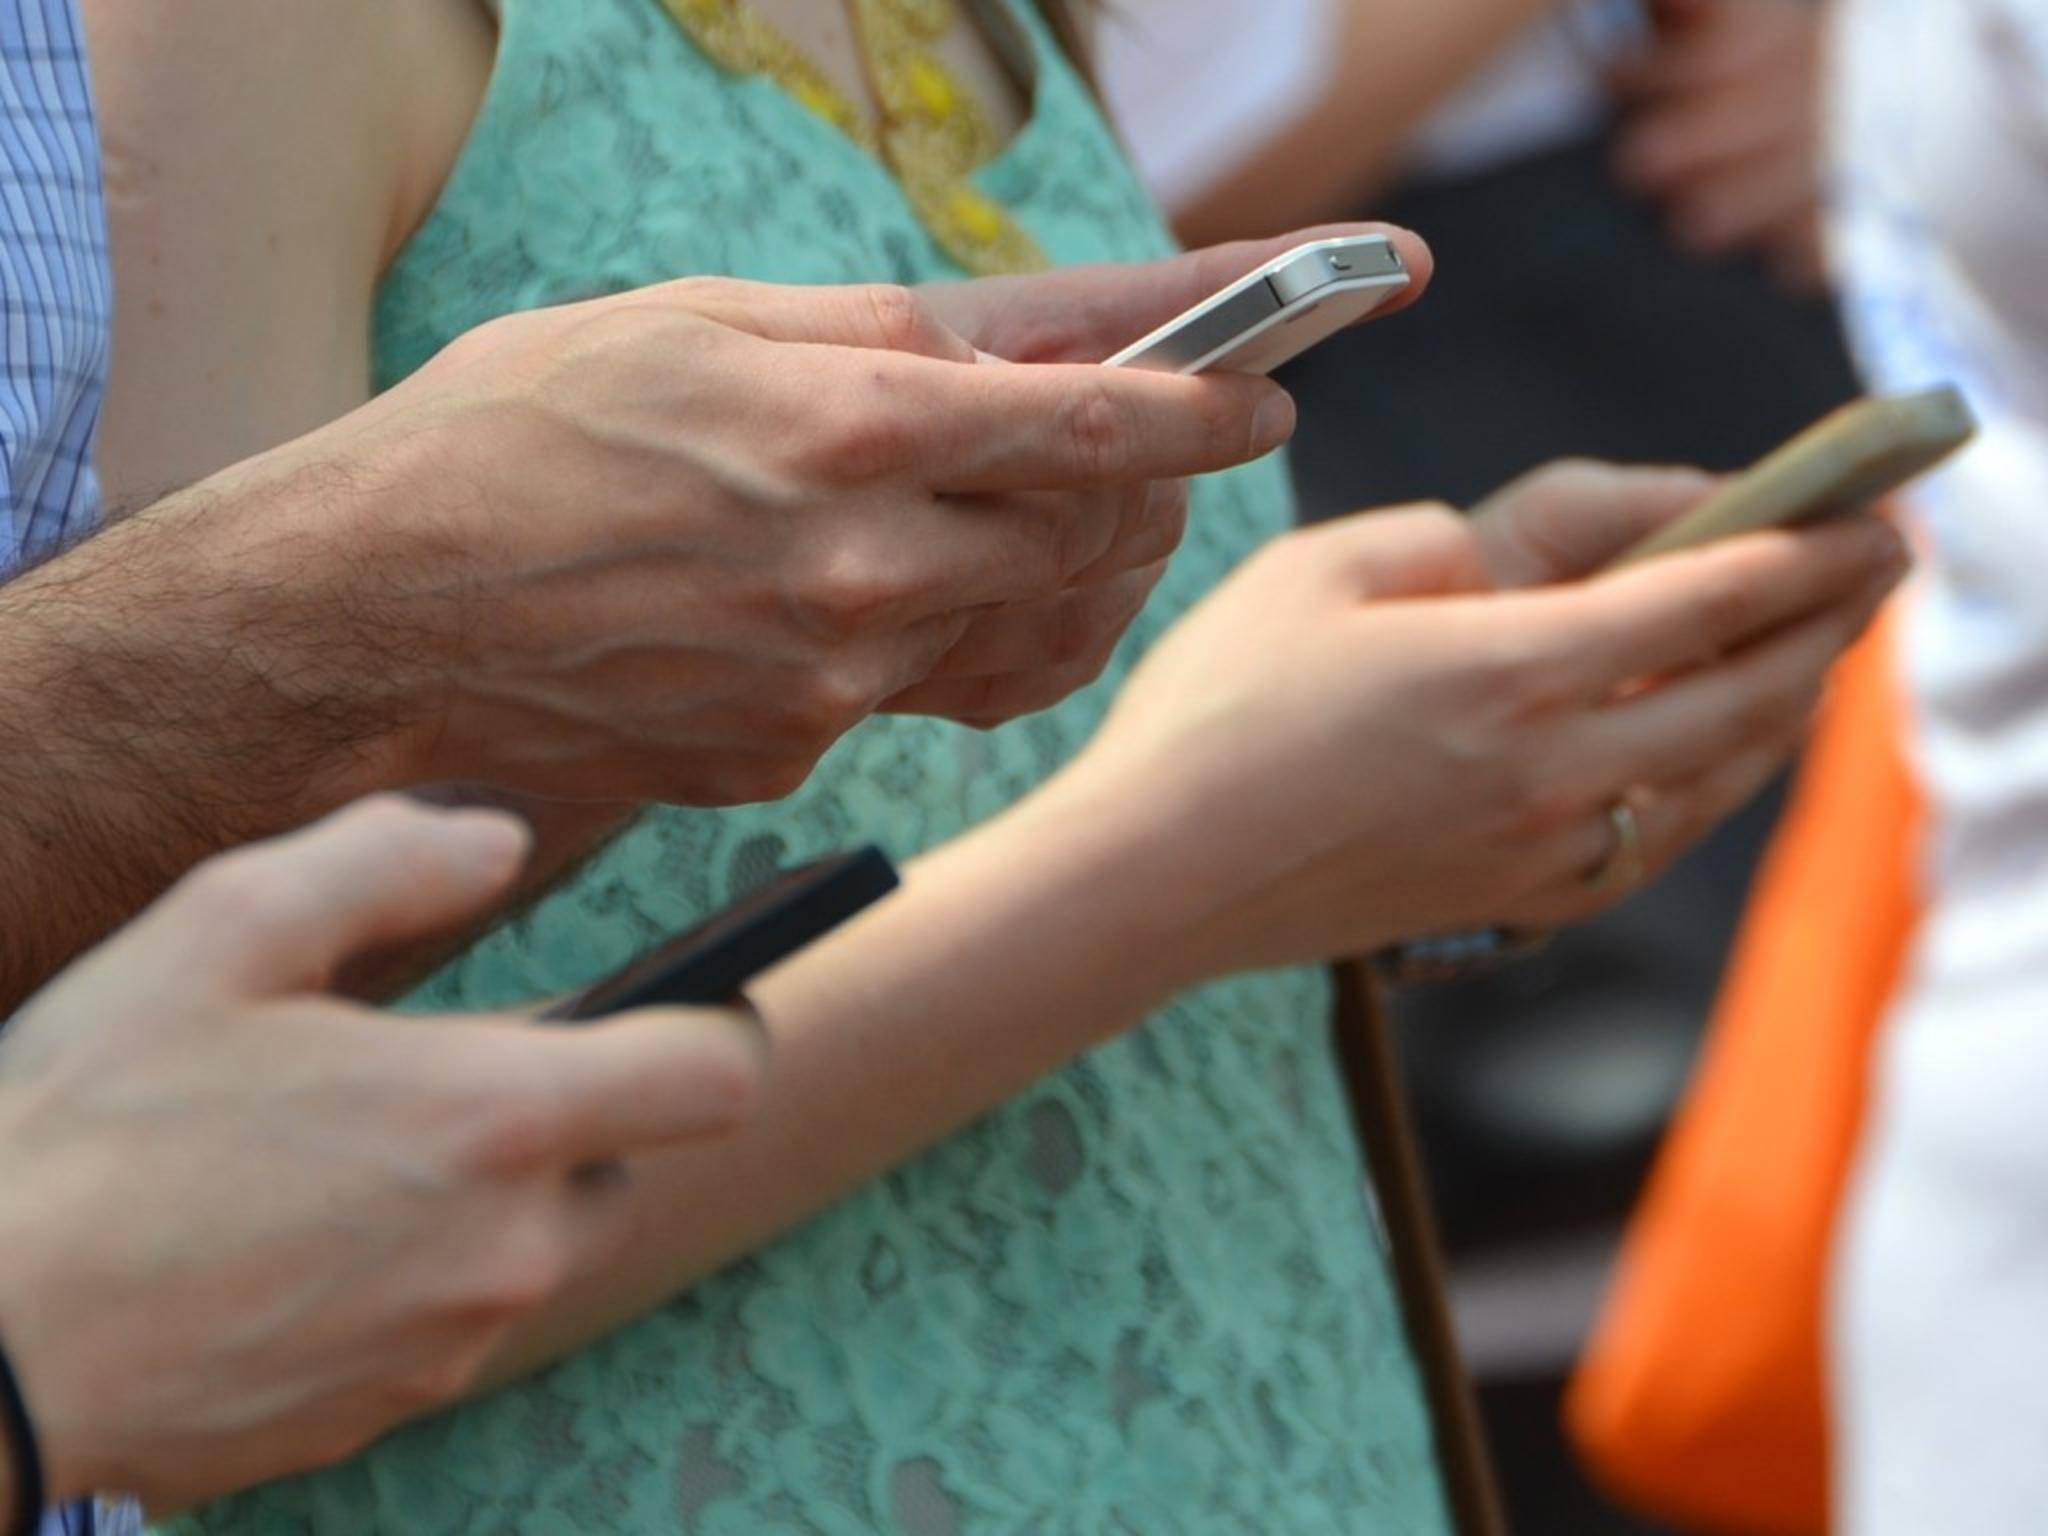 Der Online-Status eines WhatsApp-Nutzers ist problemlos für Dritte einsehbar.